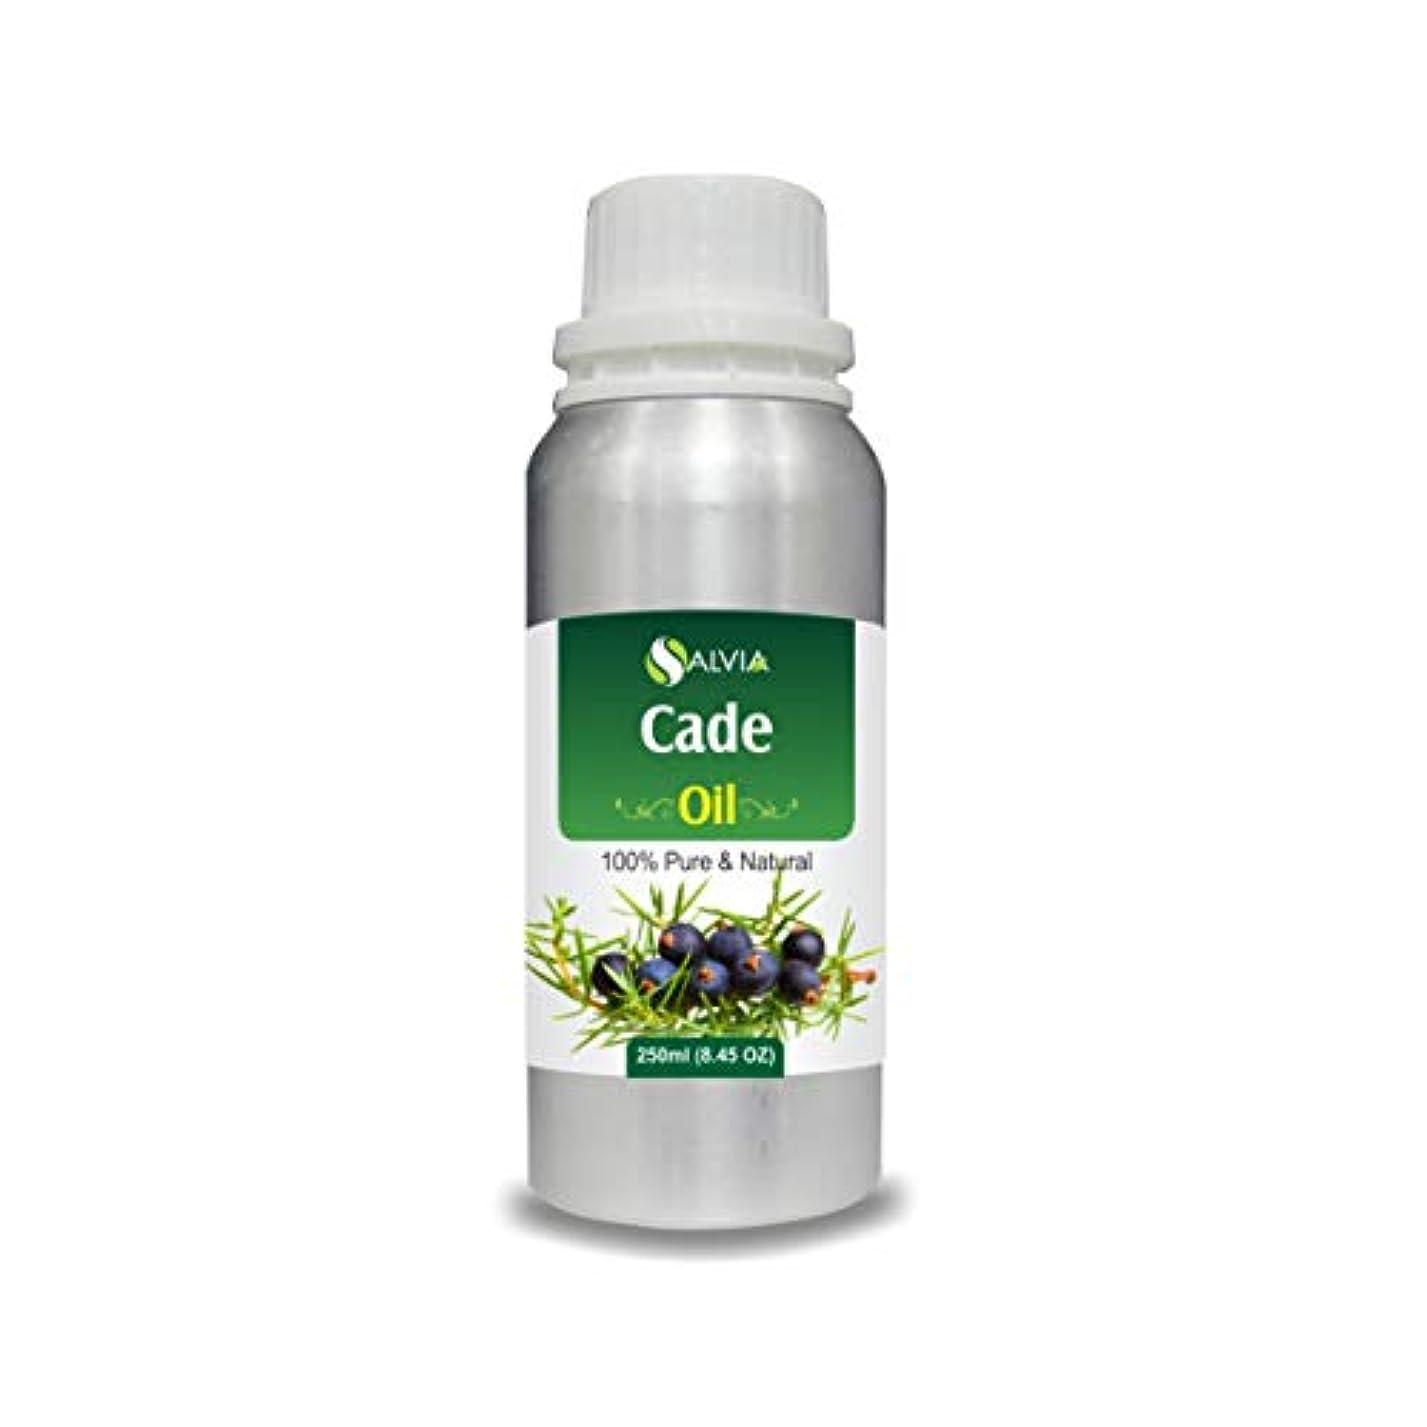 有用バットビバCade Essential Oil (Juniperus oxycedrus) Therapeutic Oil 100% Pure & Natural - Undiluted Uncut Aromatherapy Oil - 250 ML